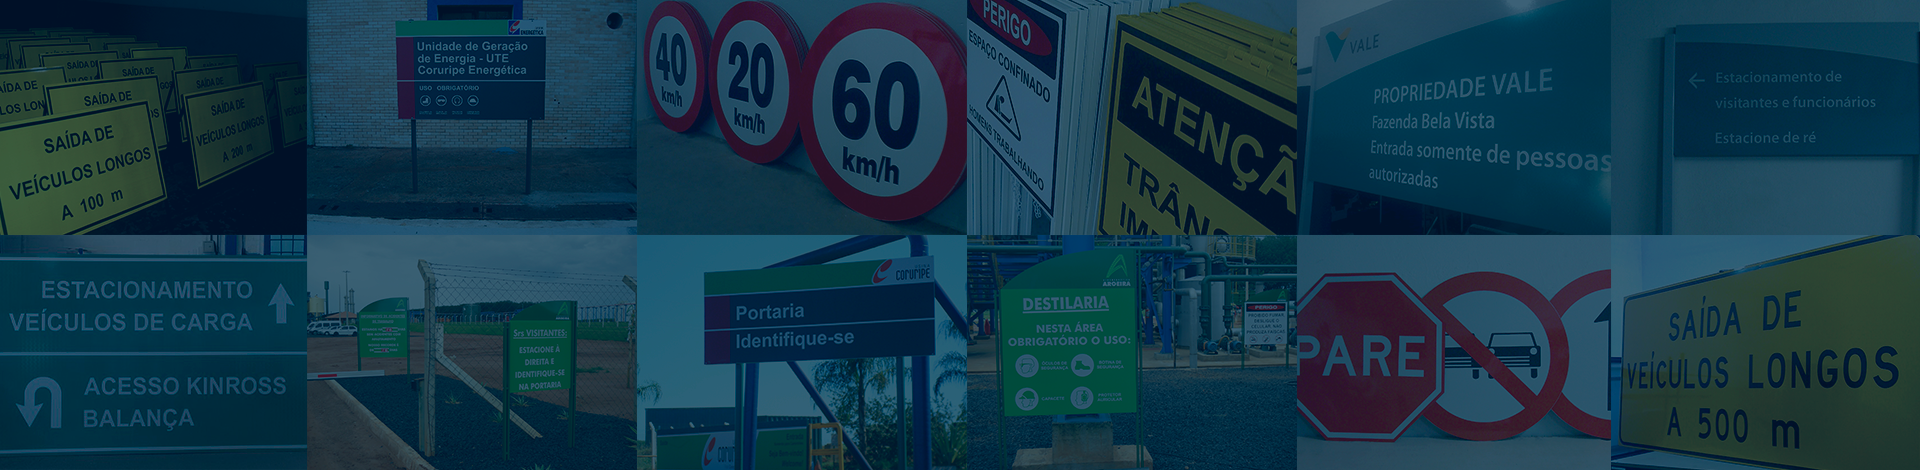 Imagem de placas de trânsito, Placas de sinalização, Placas de sinalização viária, Placas rodoviárias, Placas industriais.